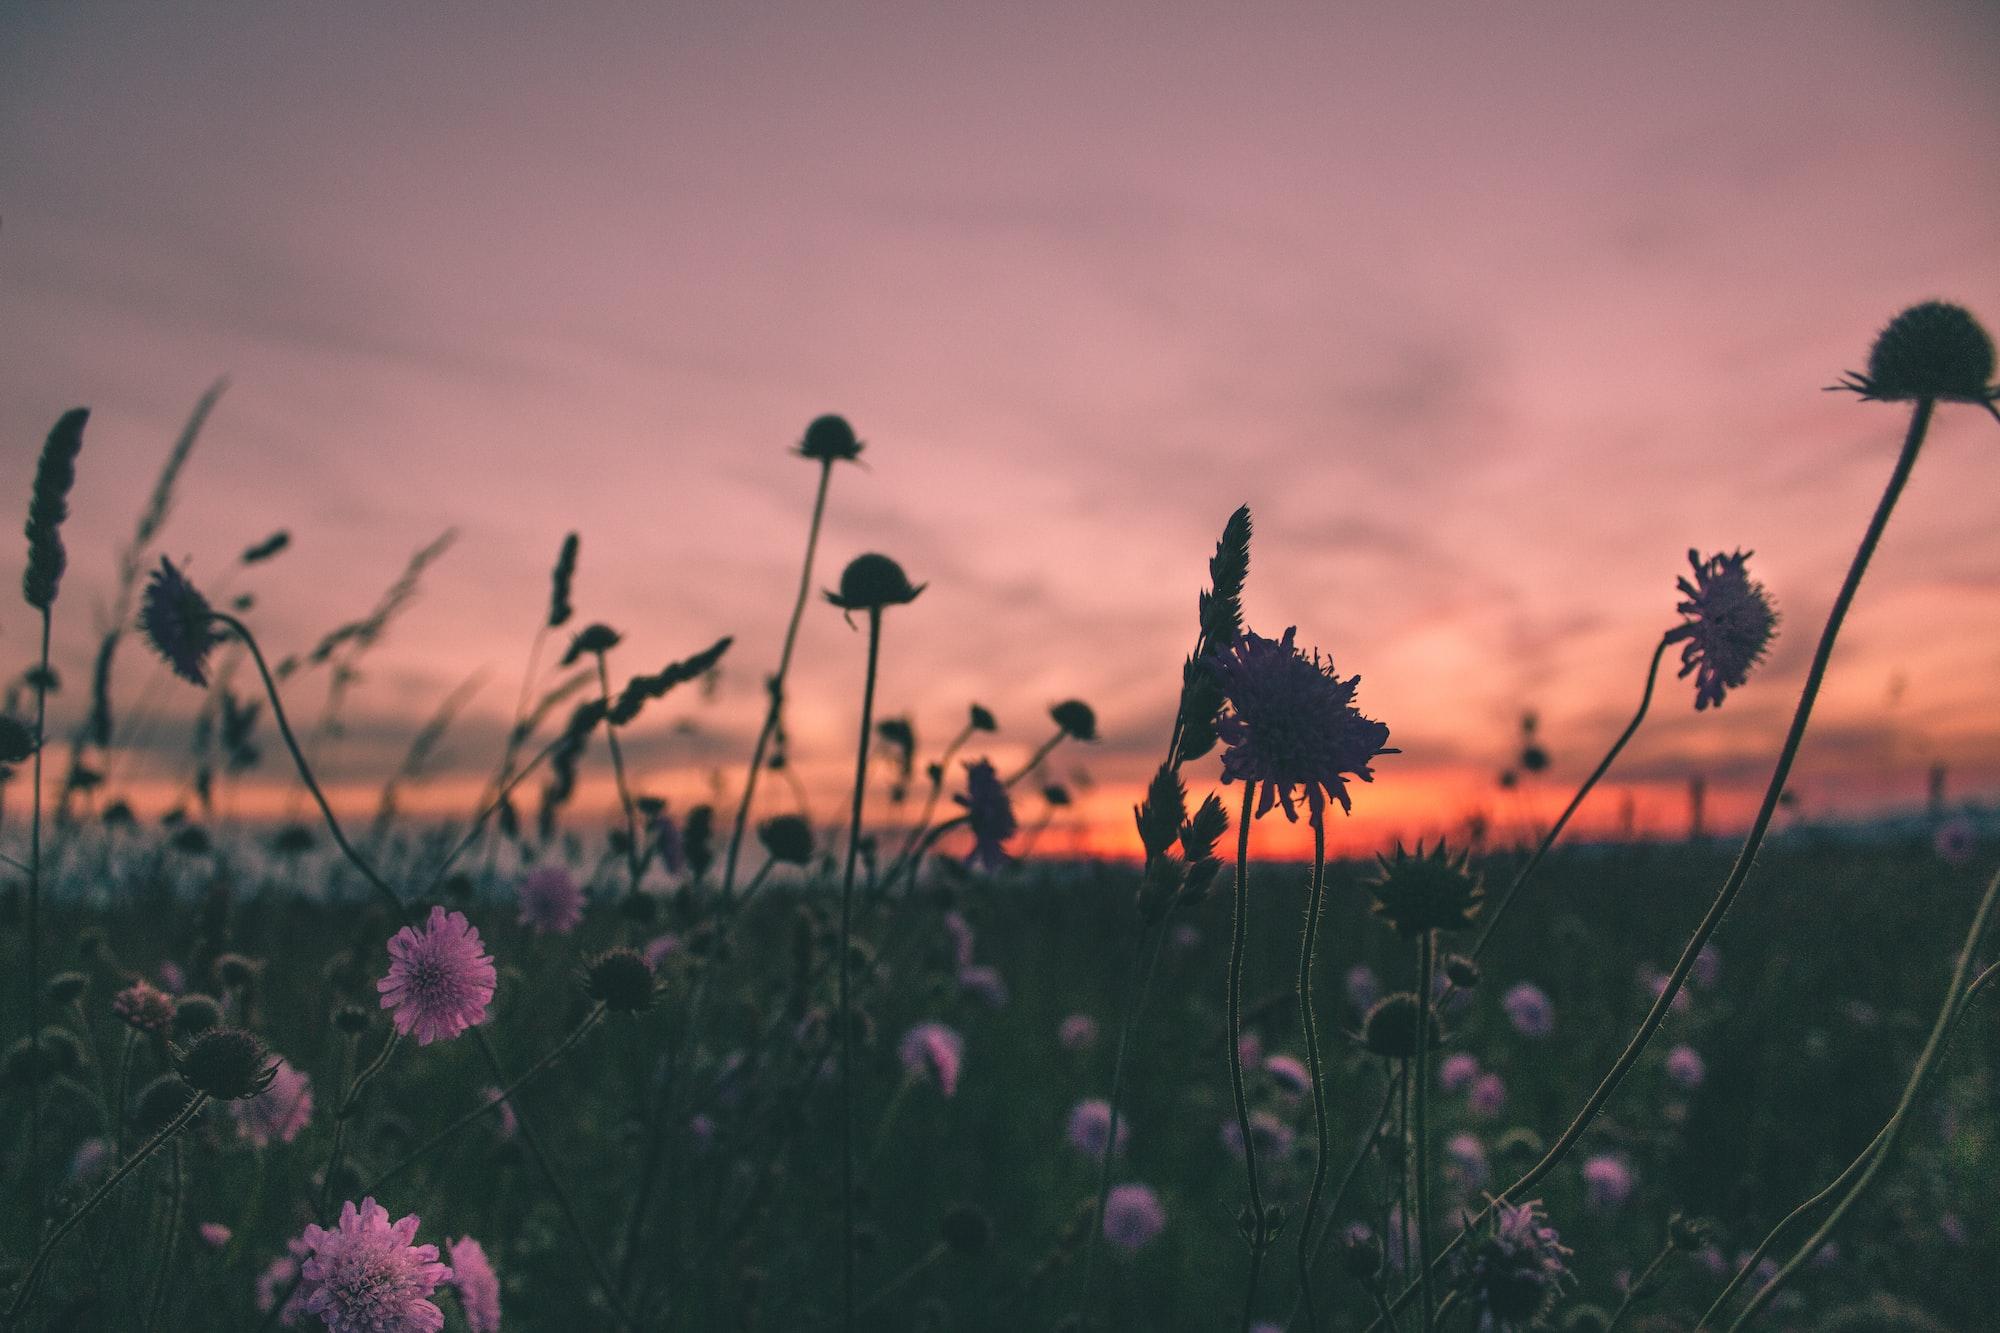 Идеи и советы для фотографии рассвета